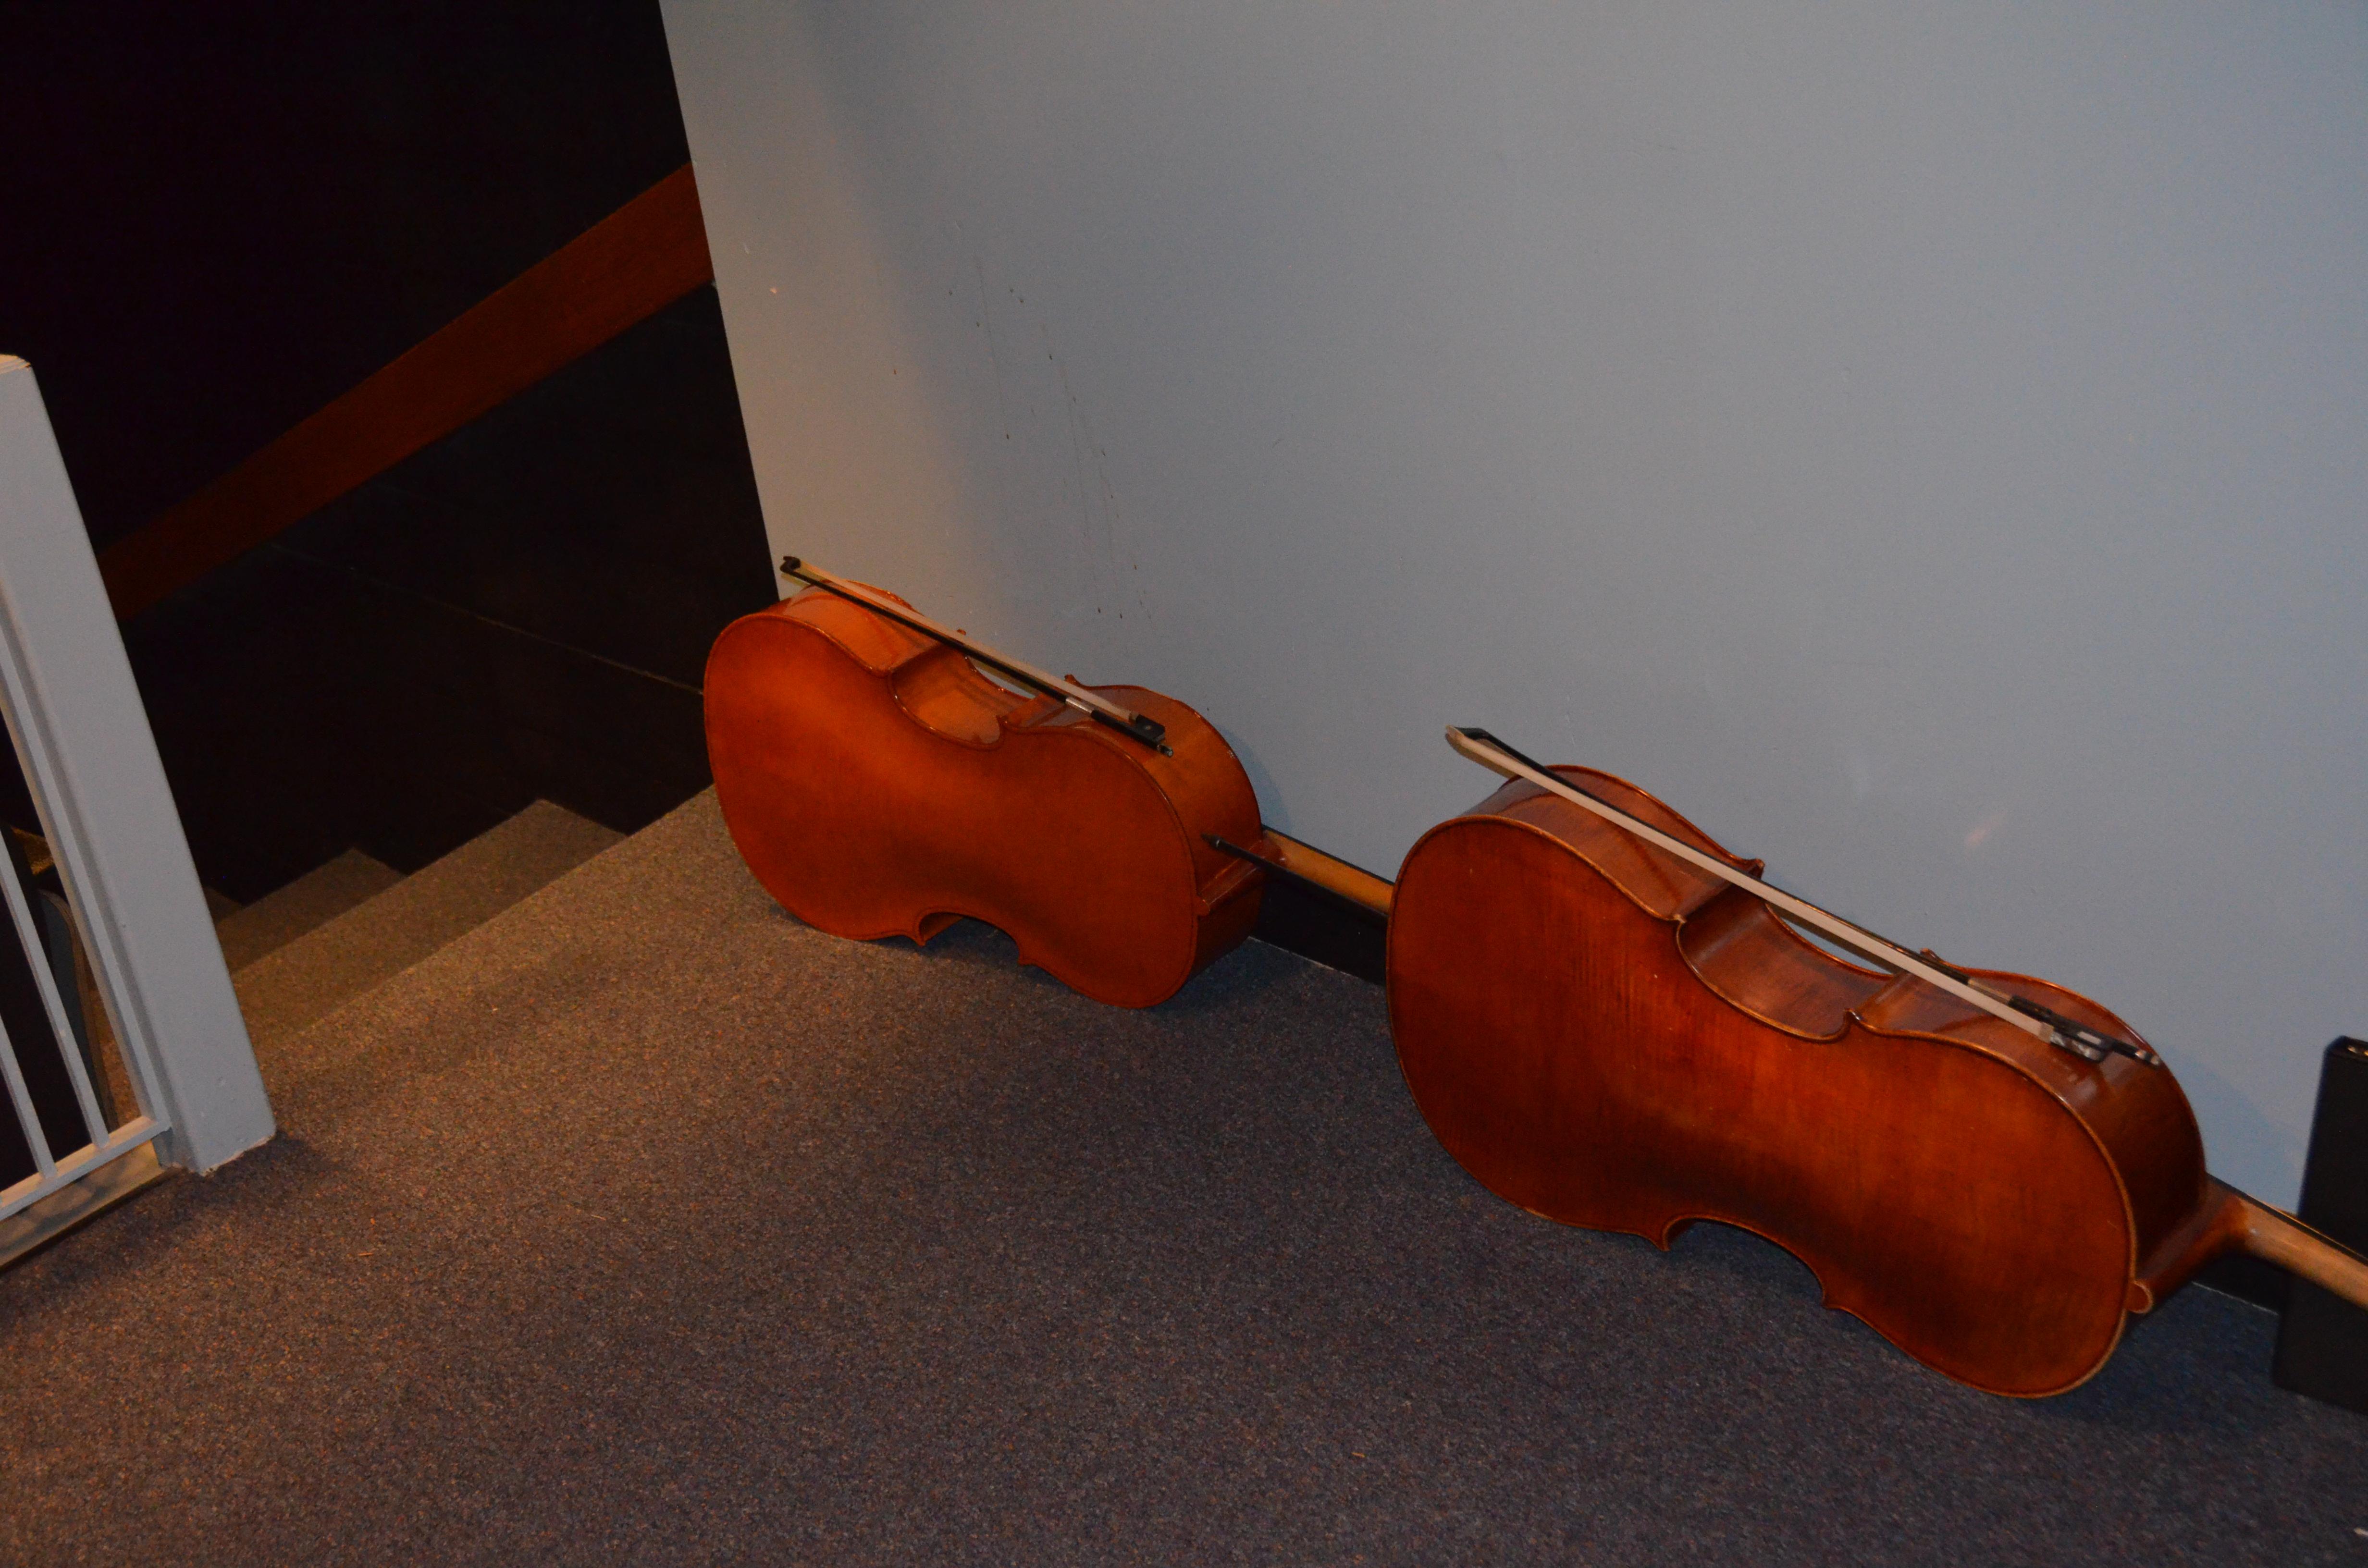 InstrumentGrant